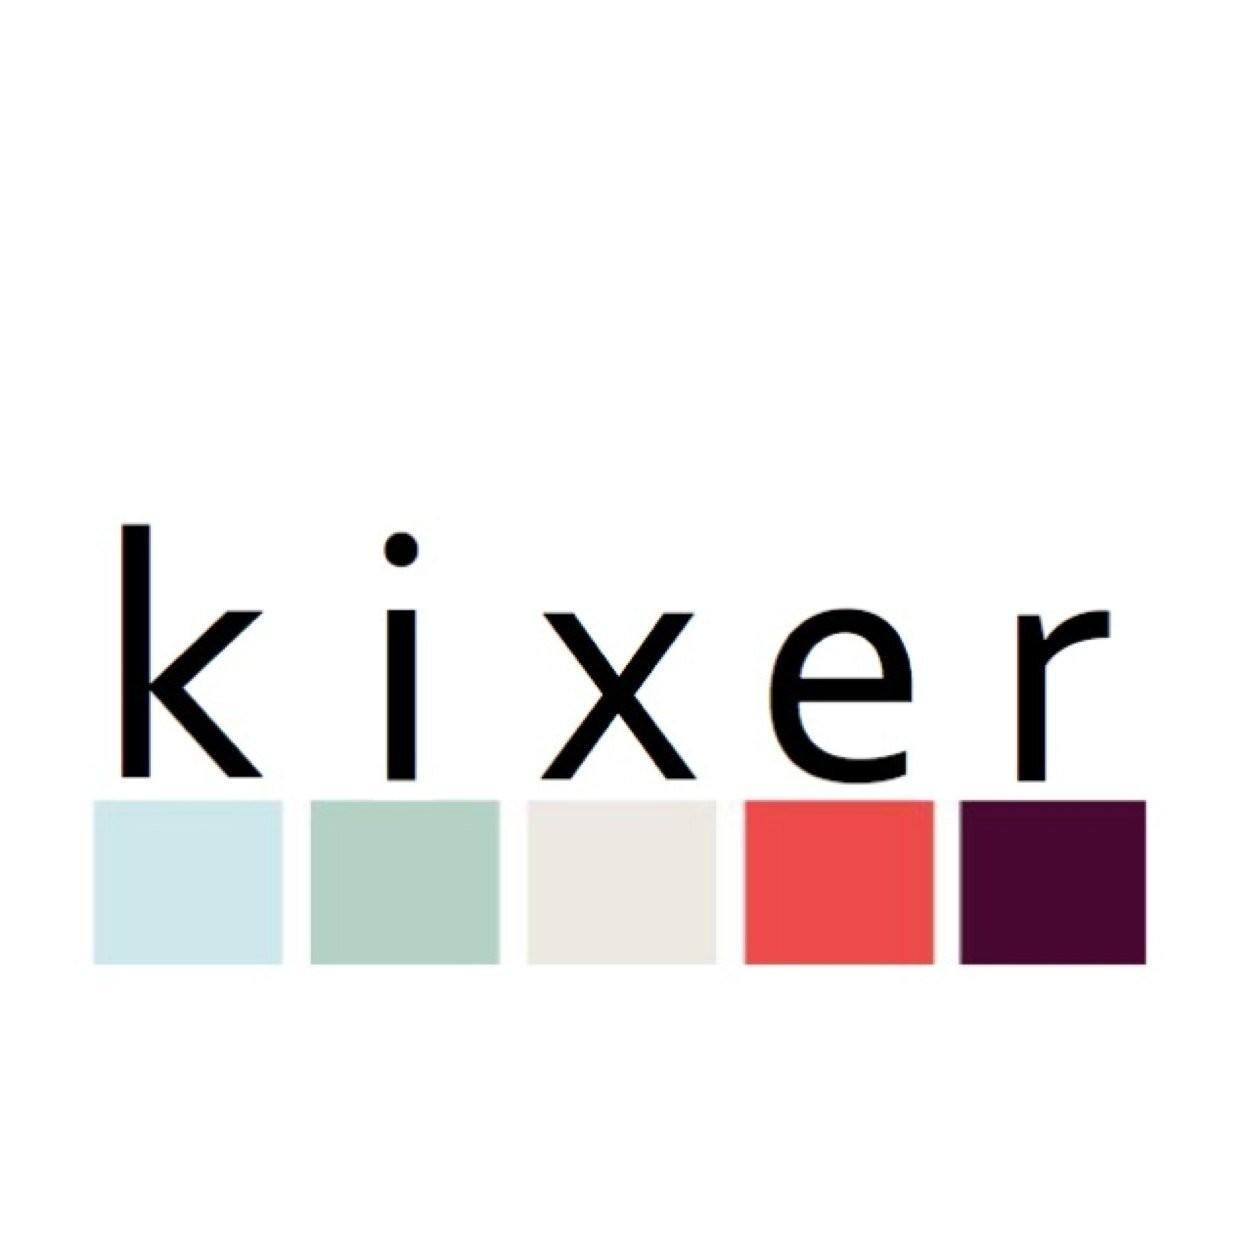 Kixer